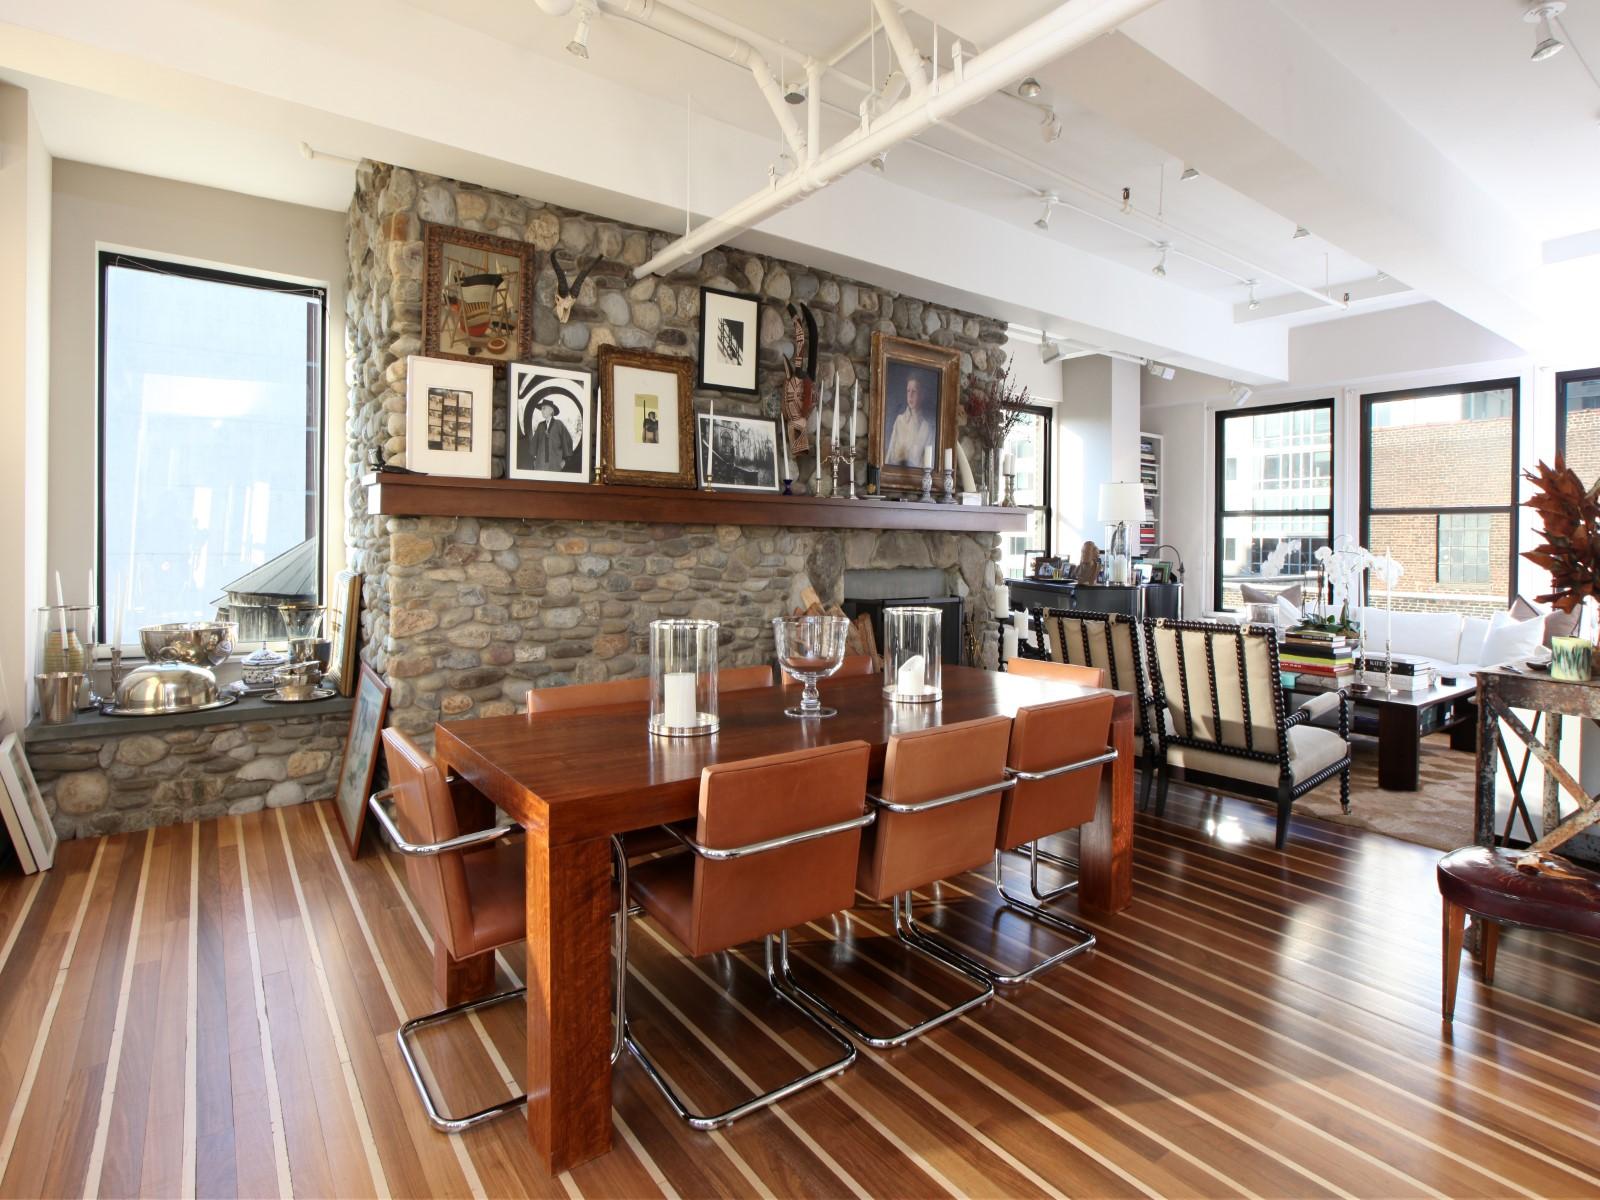 独户住宅 为 销售 在 Gotham Glamour 315 West 36th Street Apt 17a New York, 纽约州 10018 美国